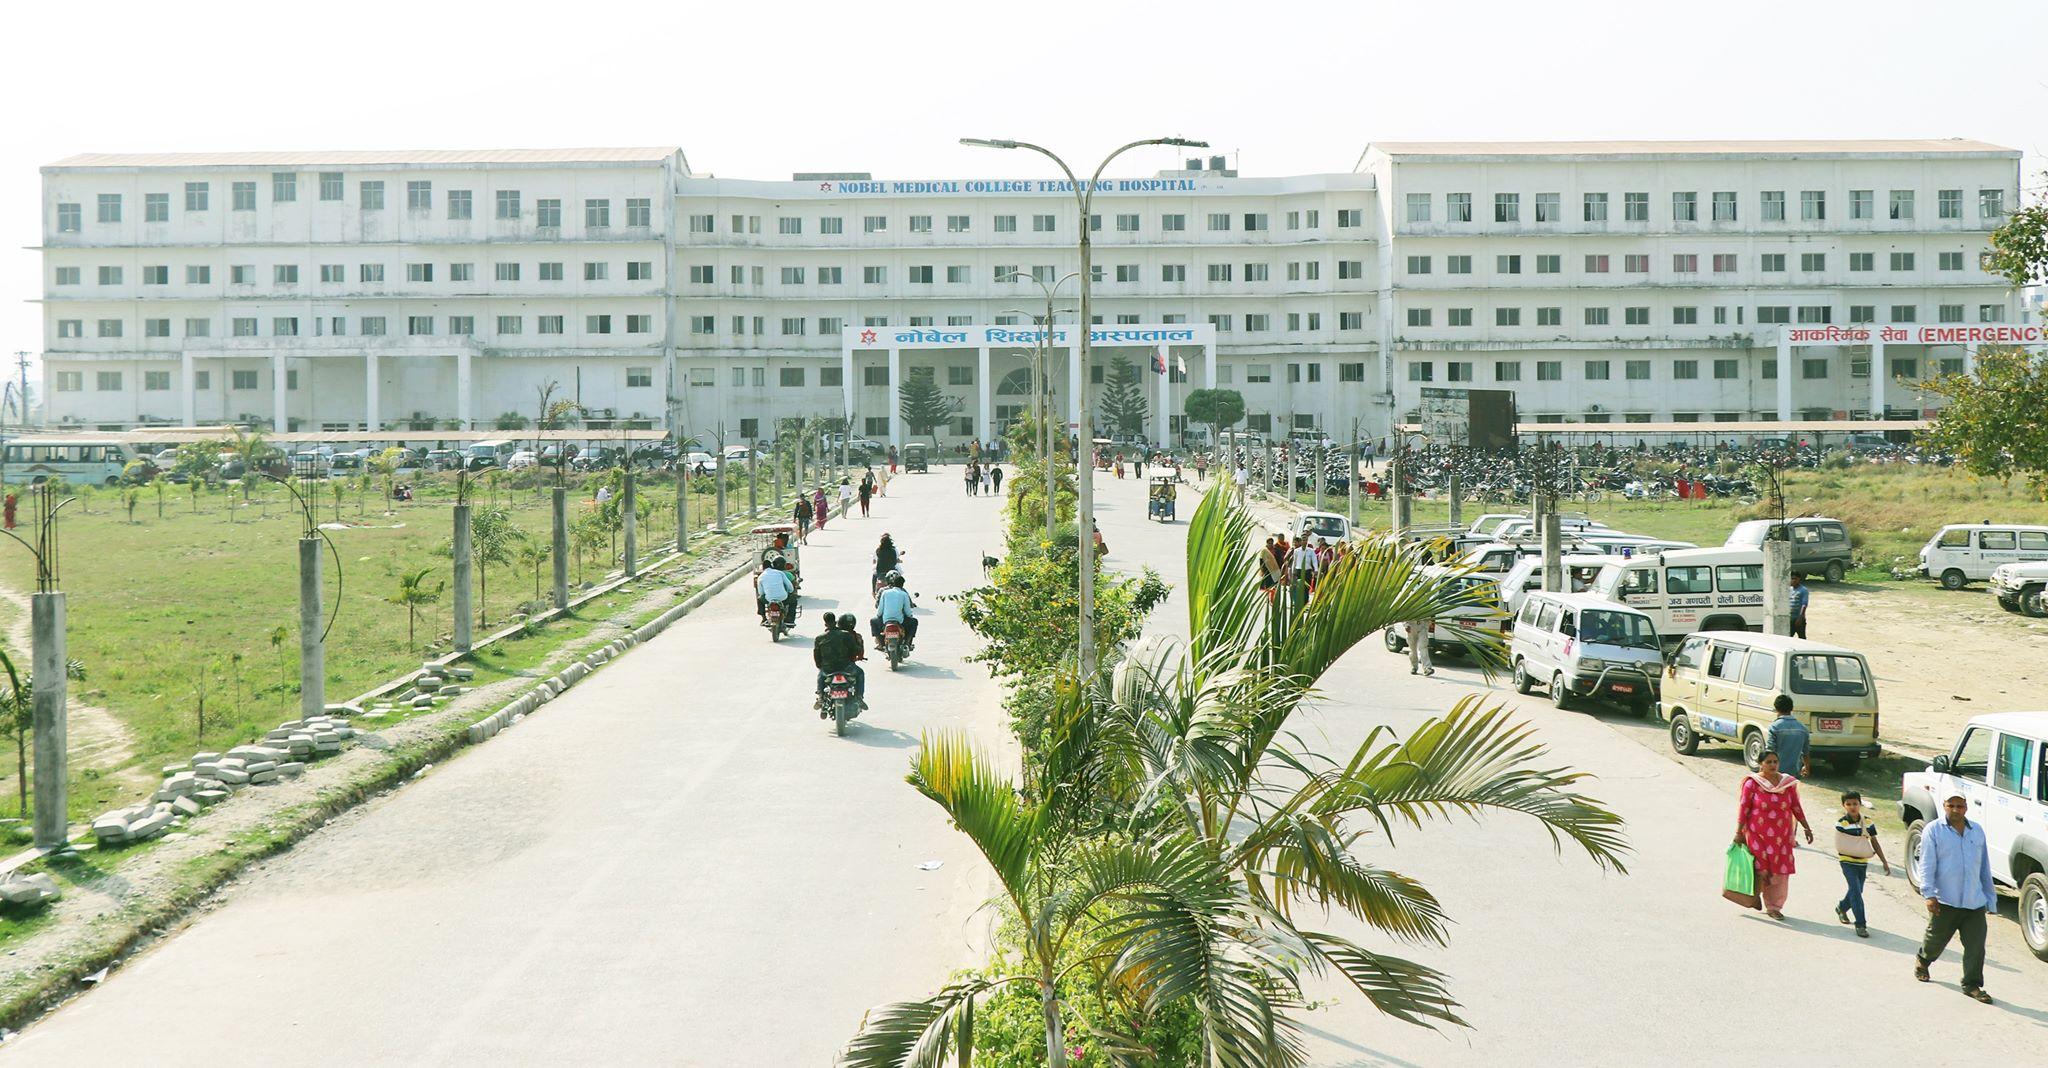 नोबेल अस्पताललाई कोरोना उपचार केन्द्र बनाउन दिन्छुः डा. शर्मा